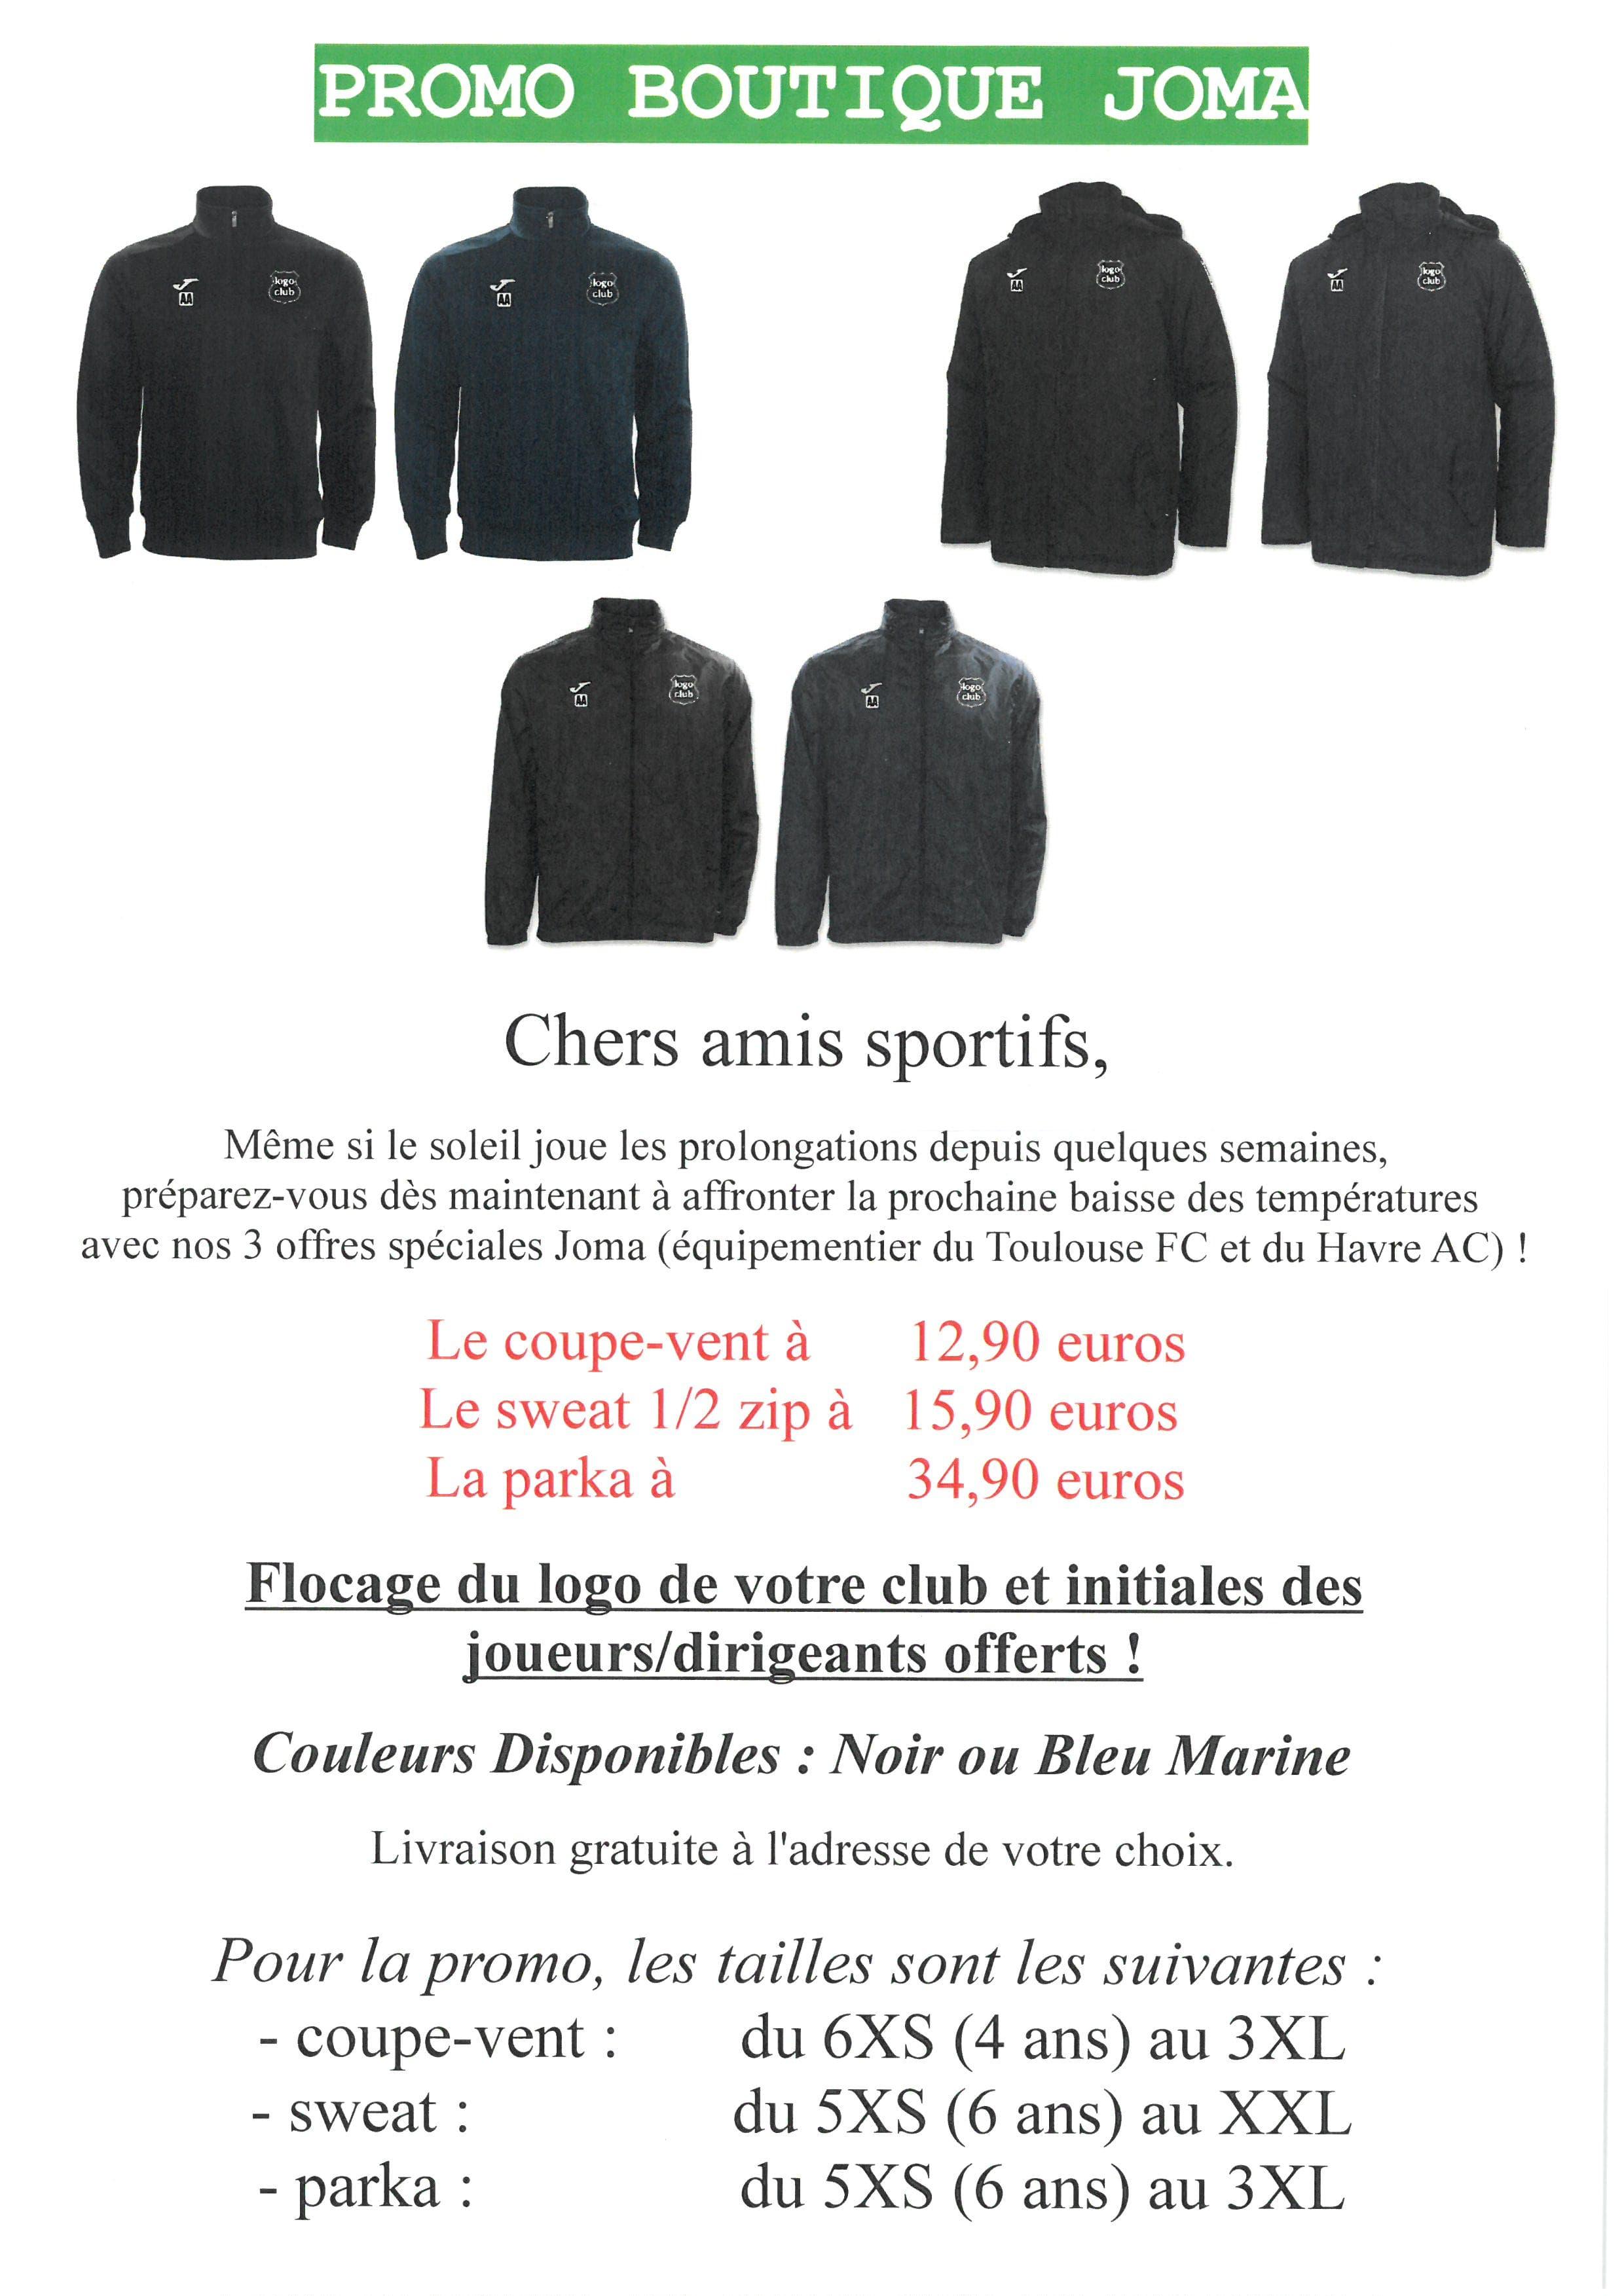 design elegante scarpe a buon mercato più alla moda Actualité - PROMO : JOMA Jusqu'au 31/12/2018 - club Football Union ...